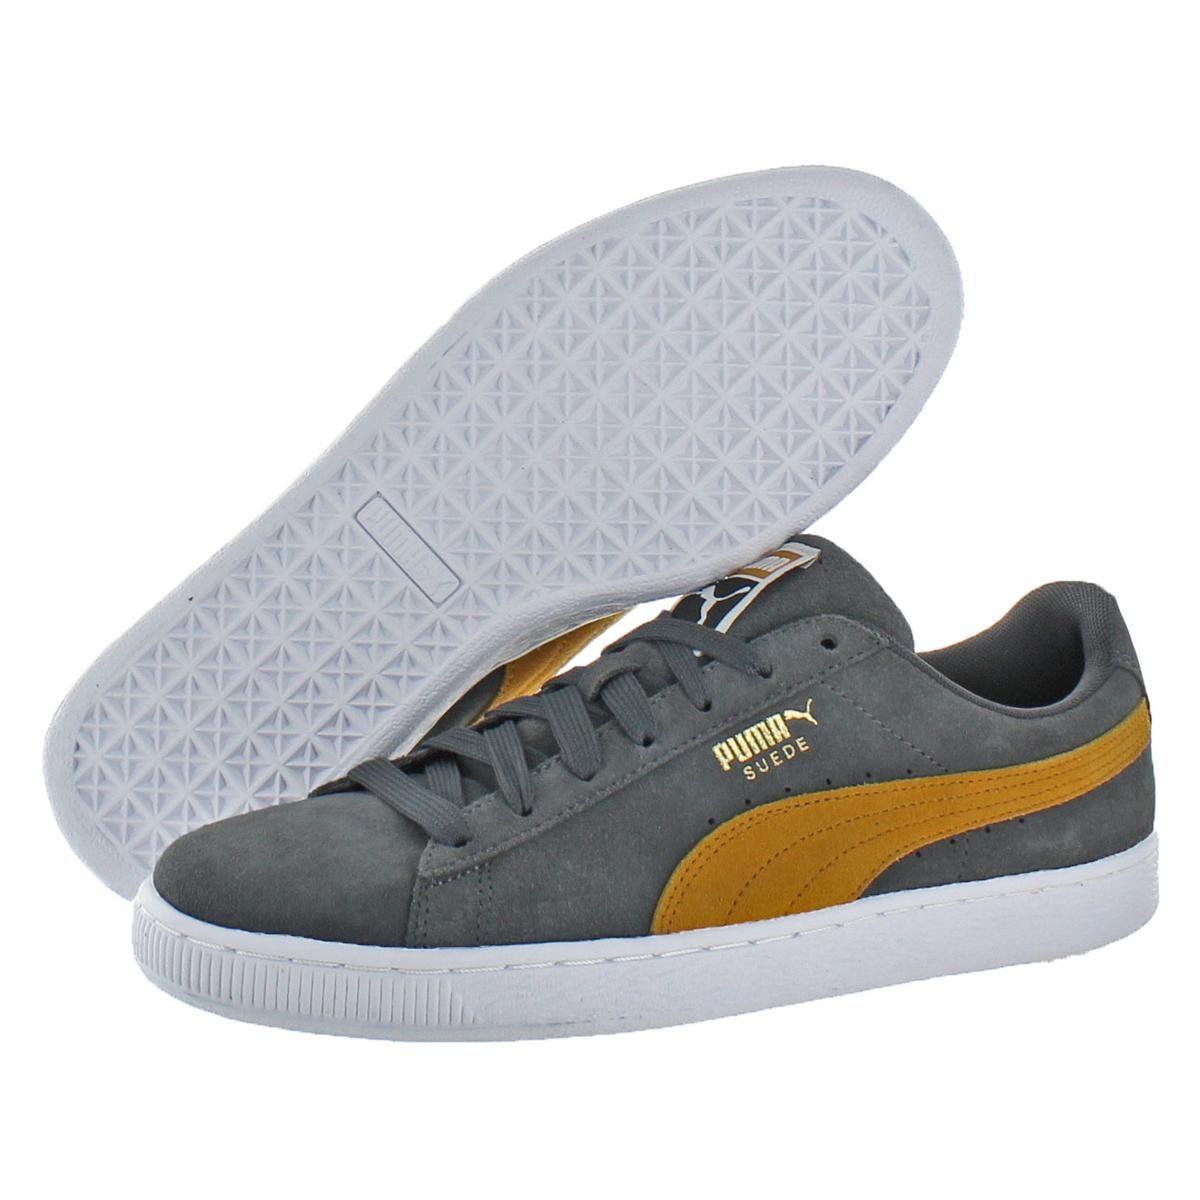 d45c97479c5b Details about Puma Suede Classic Men s Fashion Sneakers Shoes ...